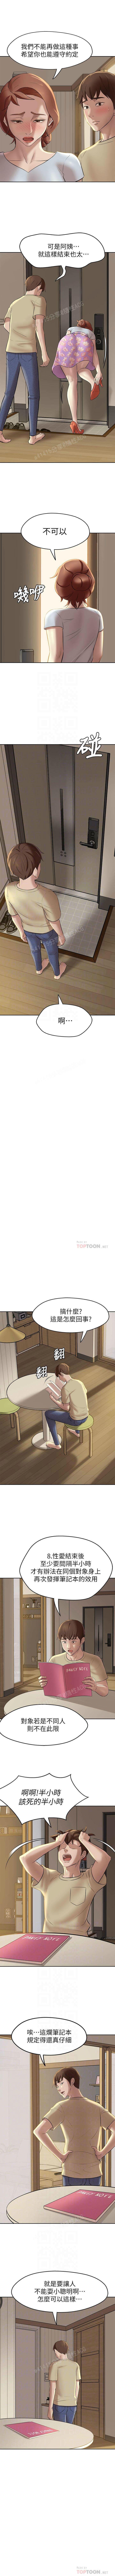 panty note 小褲褲筆記 小裤裤笔记 01-35 连载中 中文 重新排序 Reorder 86